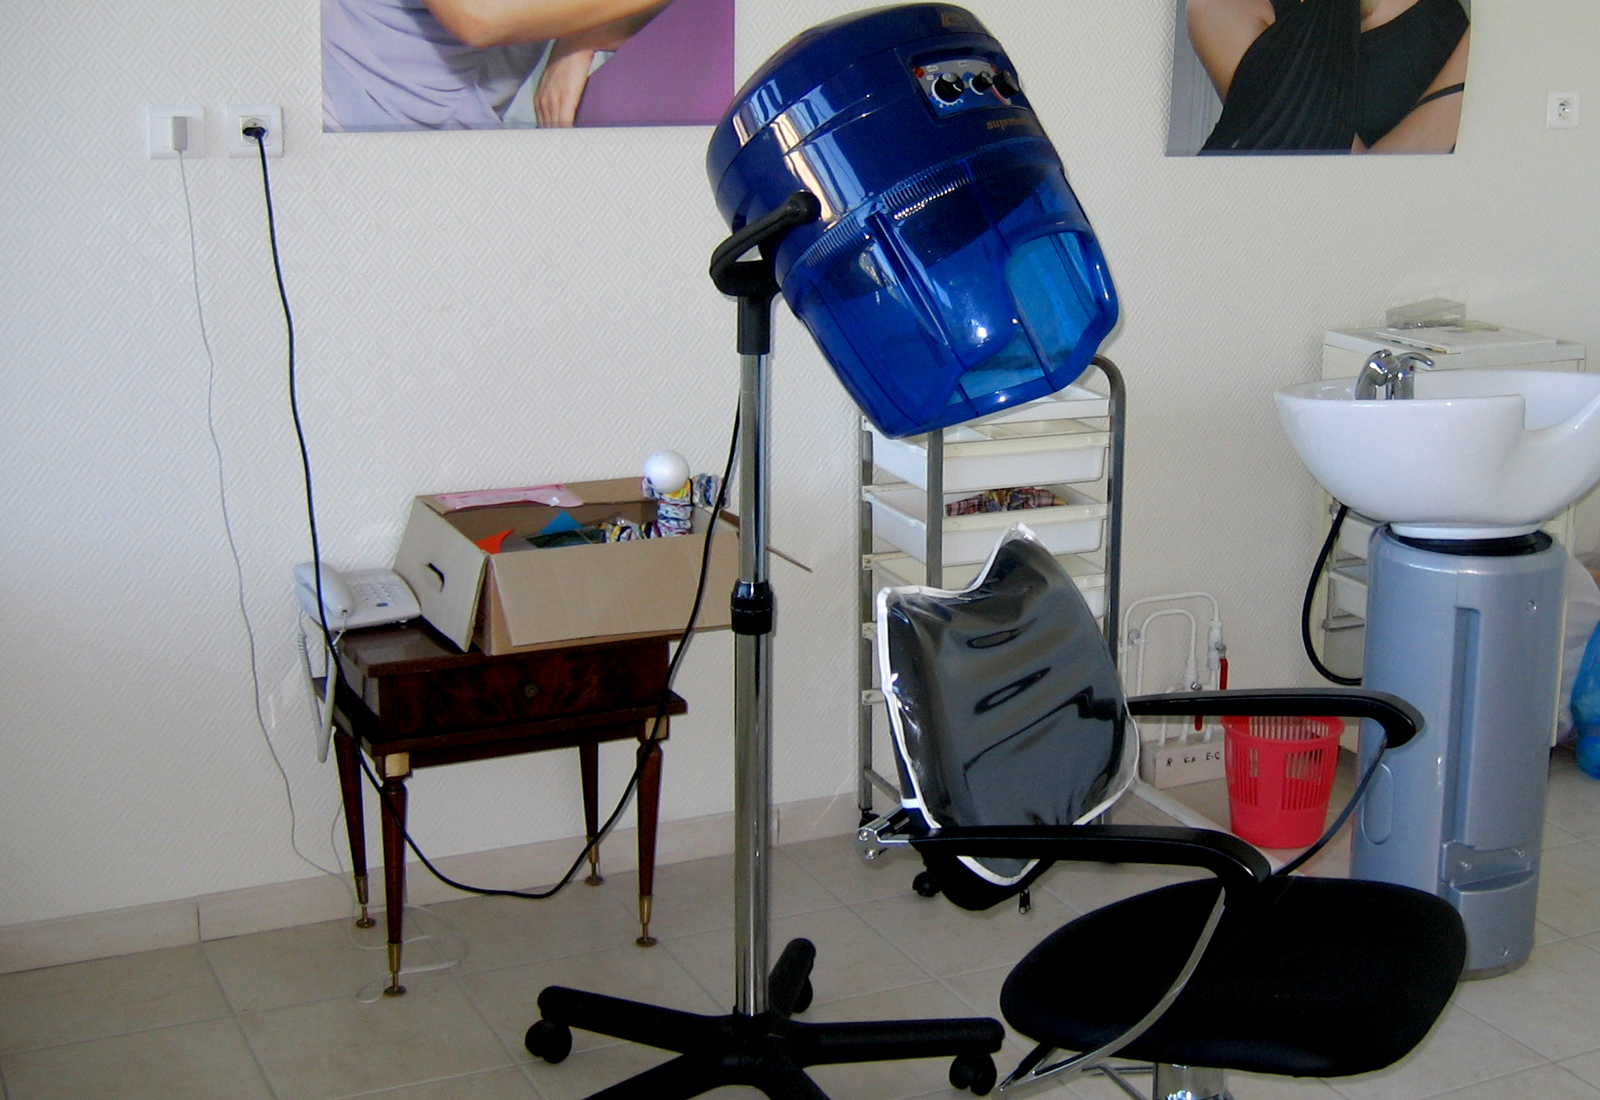 Salon de coiffure à disposition des professionnels